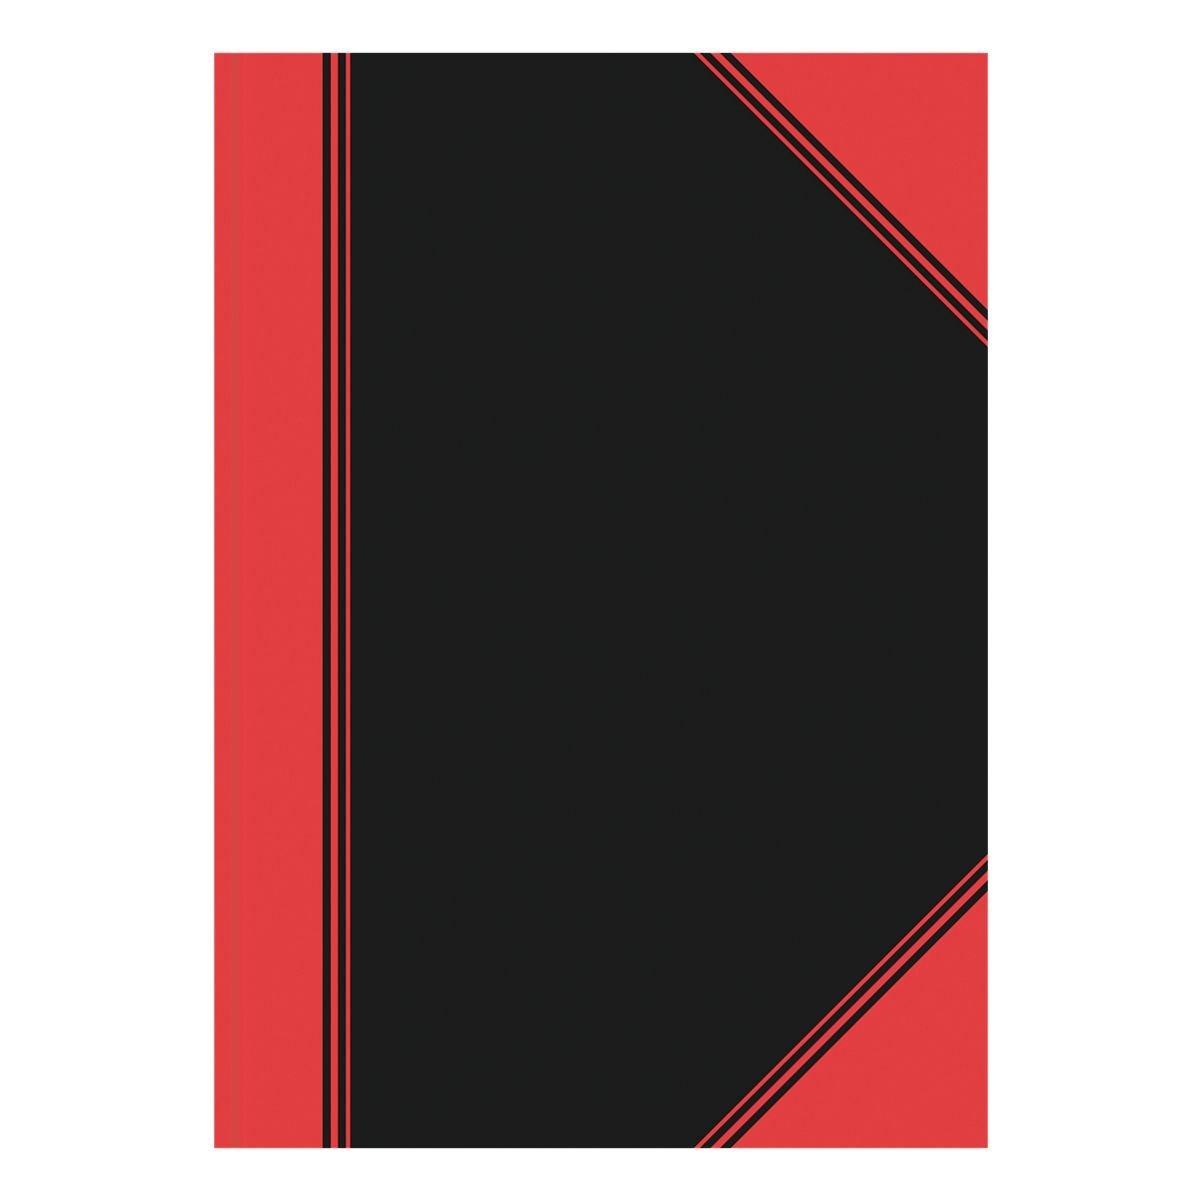 Notizbuch 100304222 A7 liniert »Chinakladde«